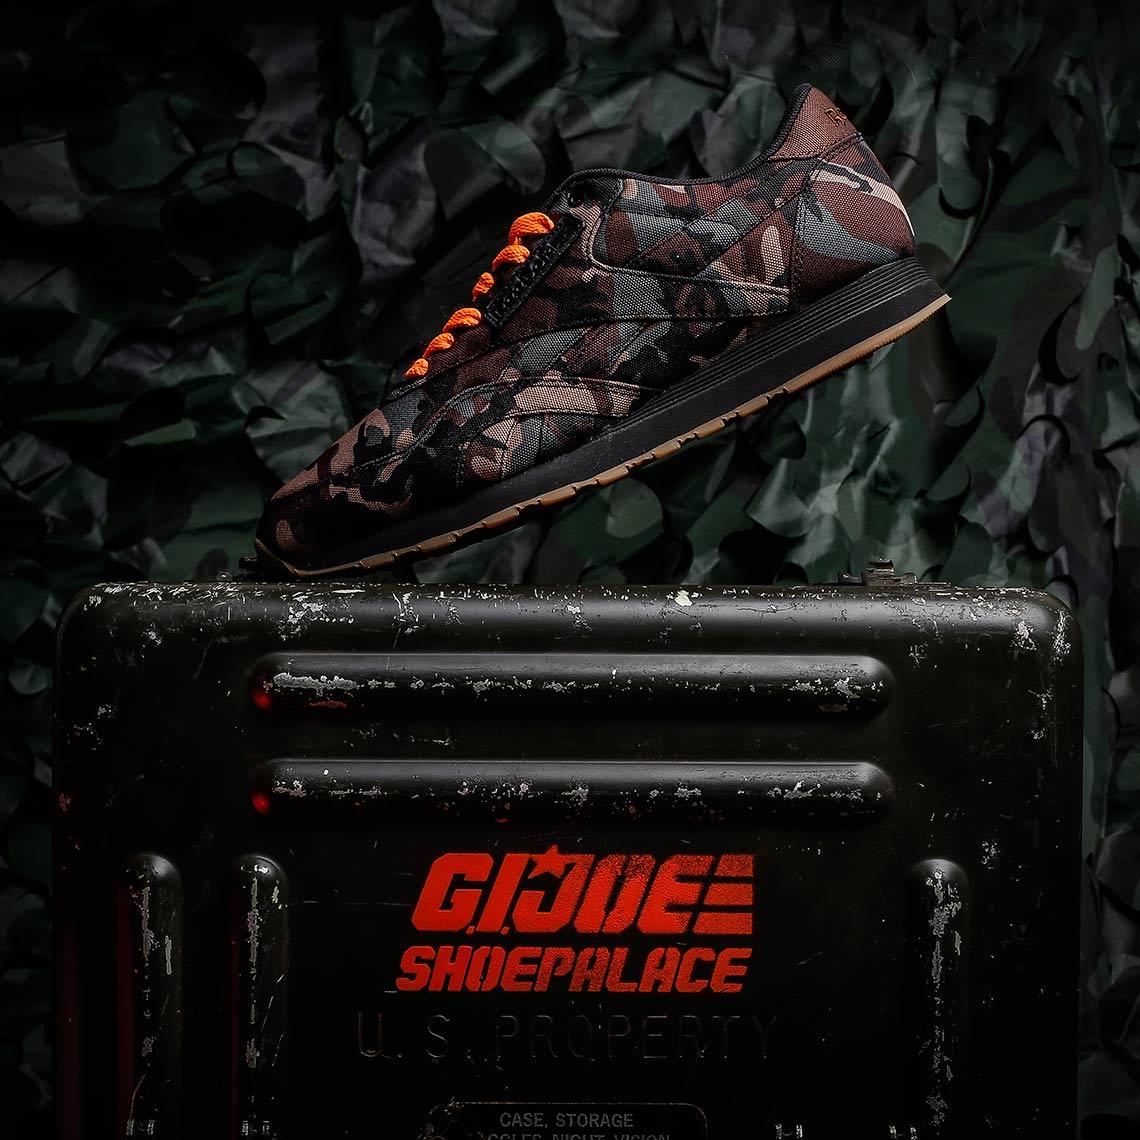 shoe-palace-reebok-classic-gi-joe-8